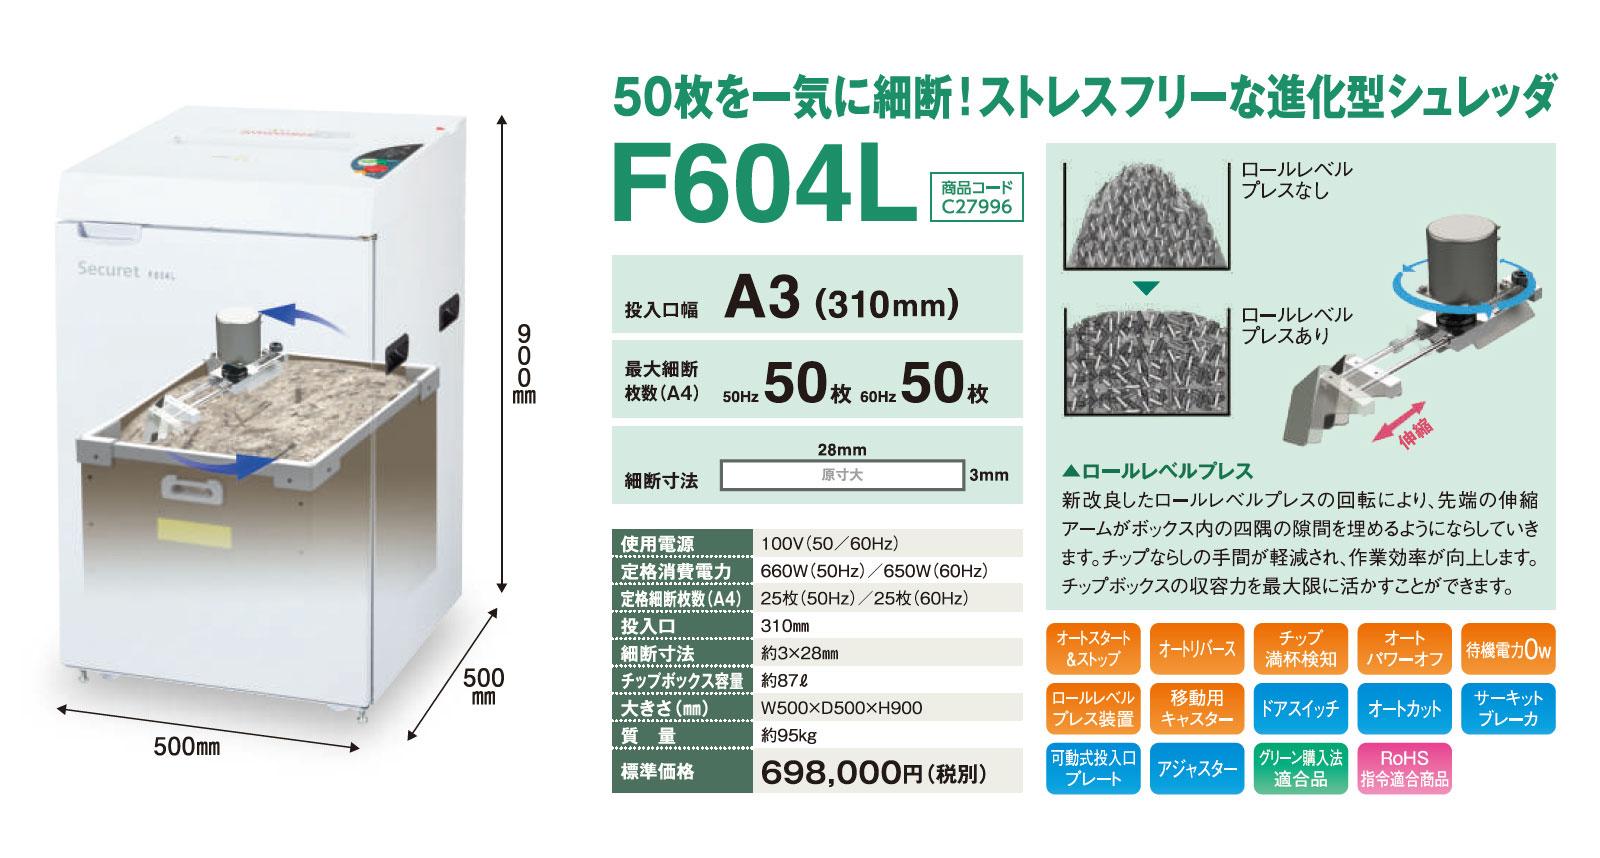 石澤製作所 セキュレットシュレッダF604L